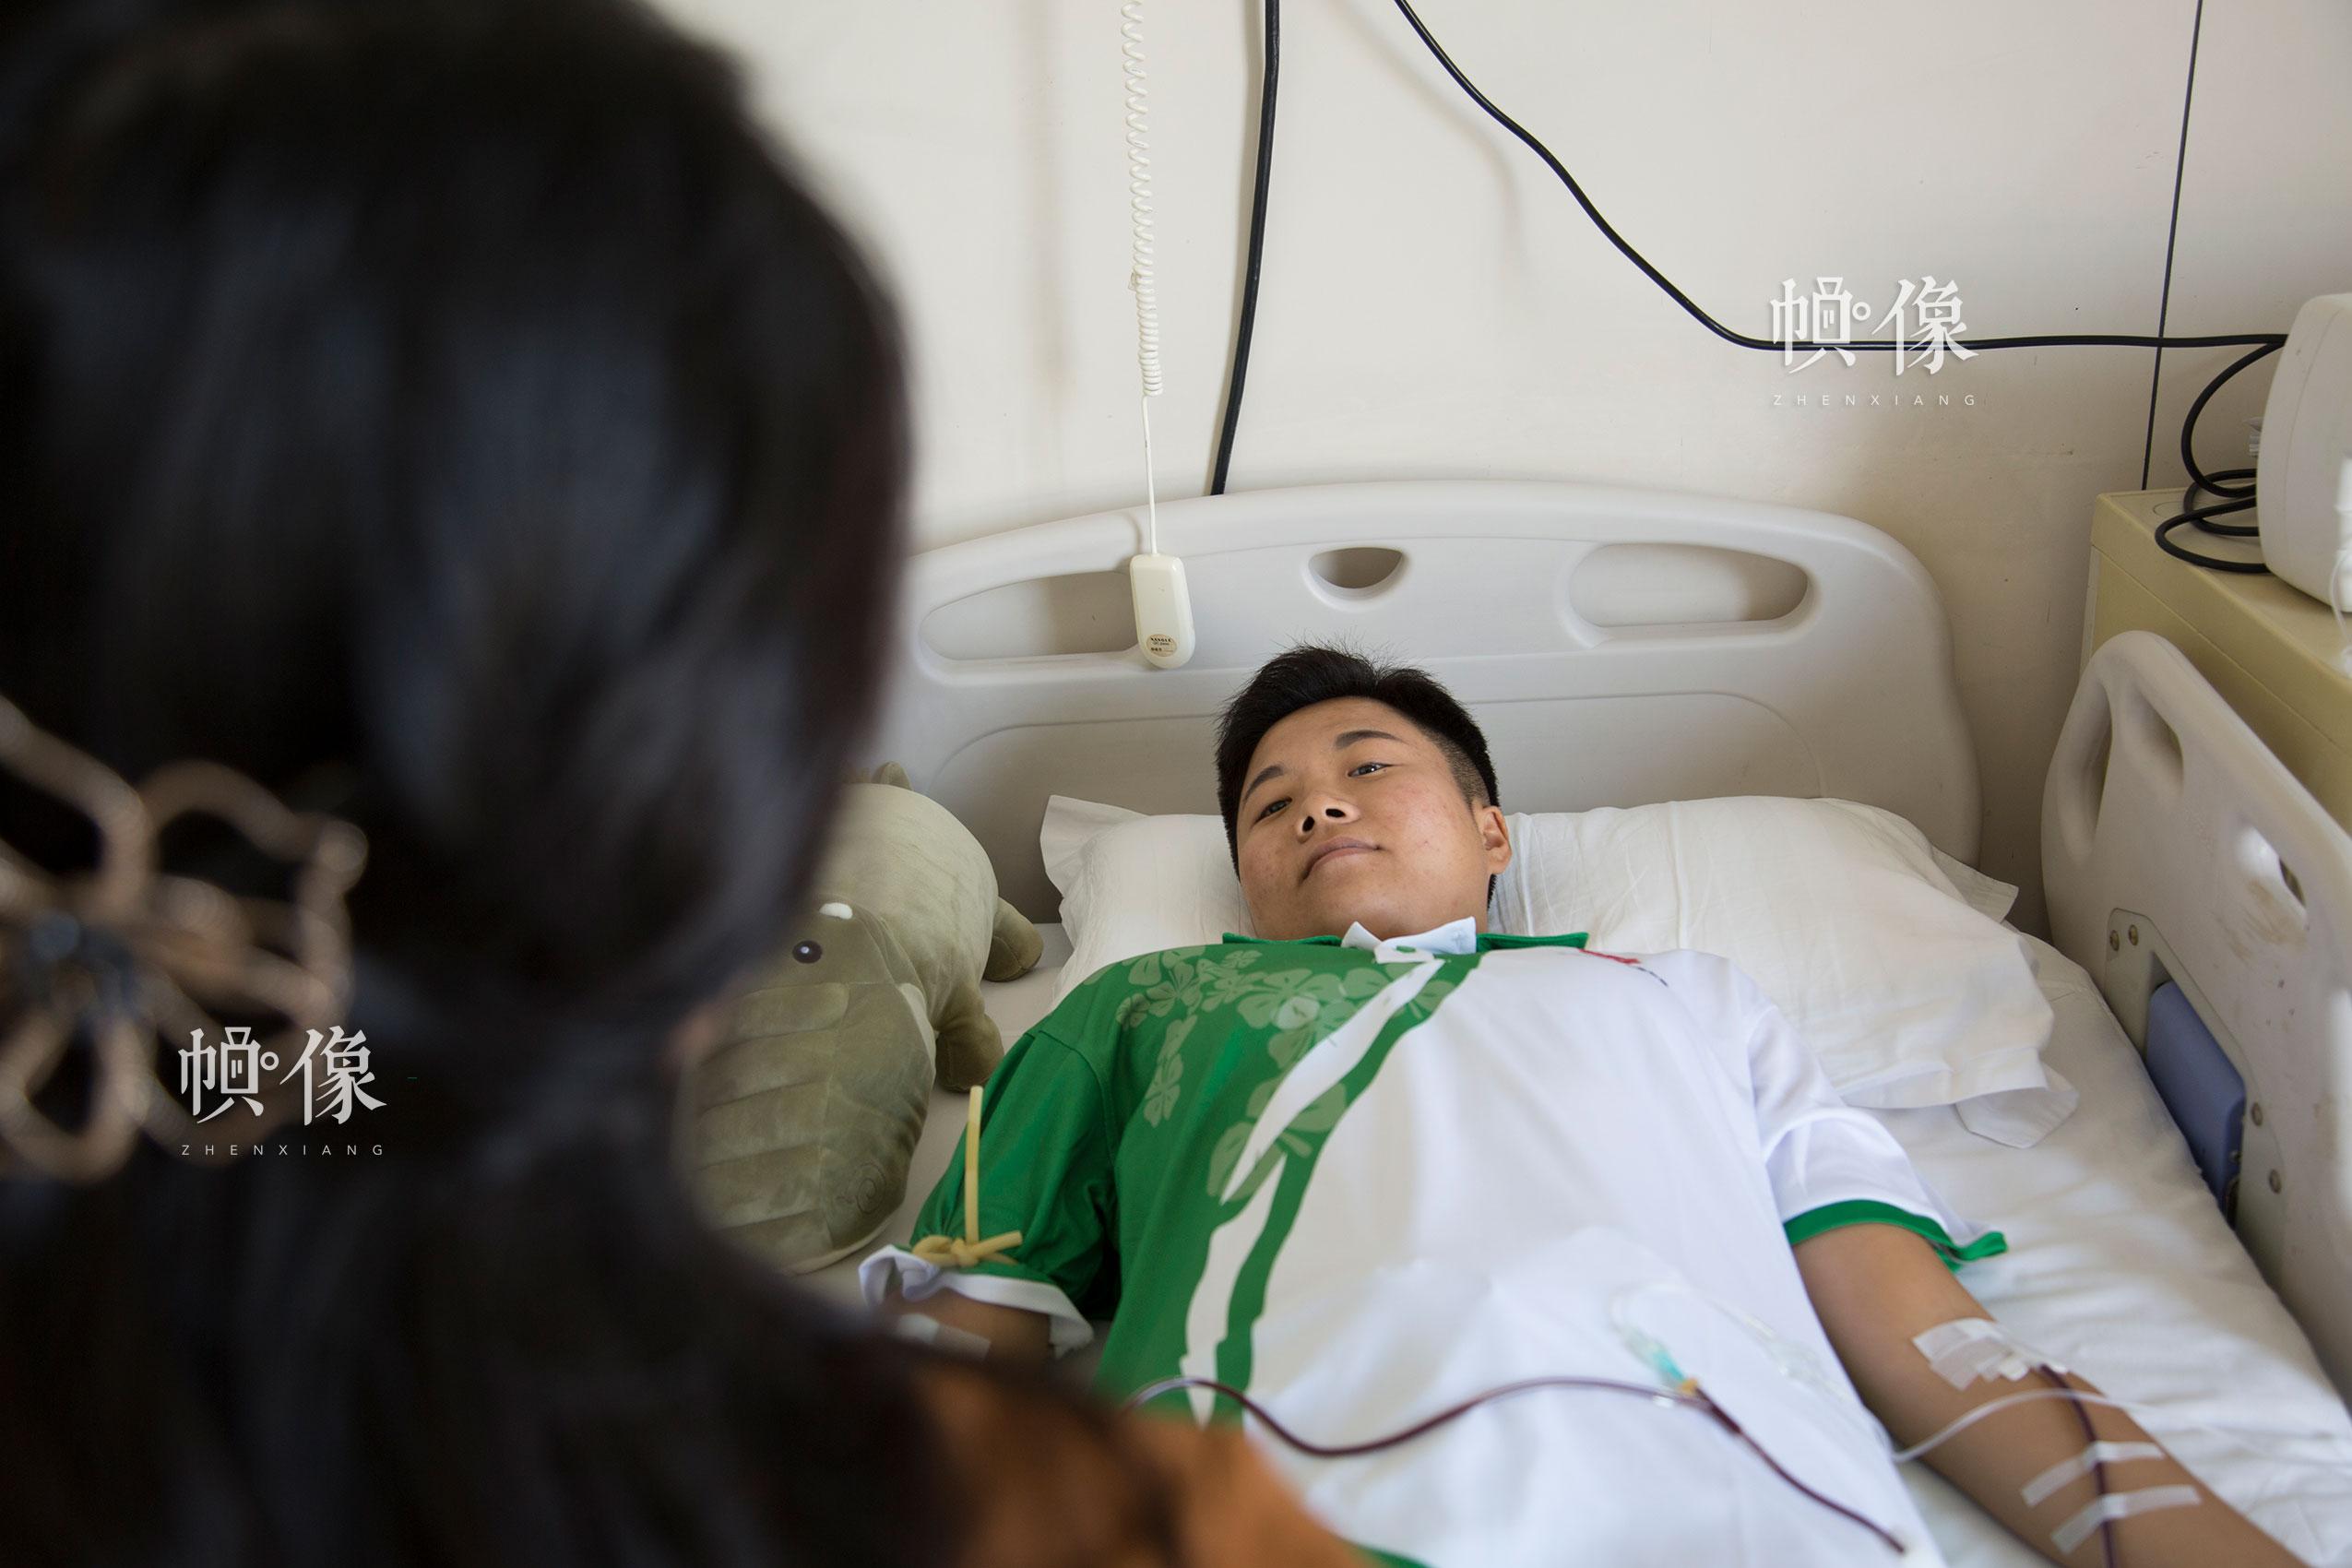 2017年8月30日,北京海军总医院,配型成功的曲女士进行造血干细胞捐献。中国网记者 黄富友 摄